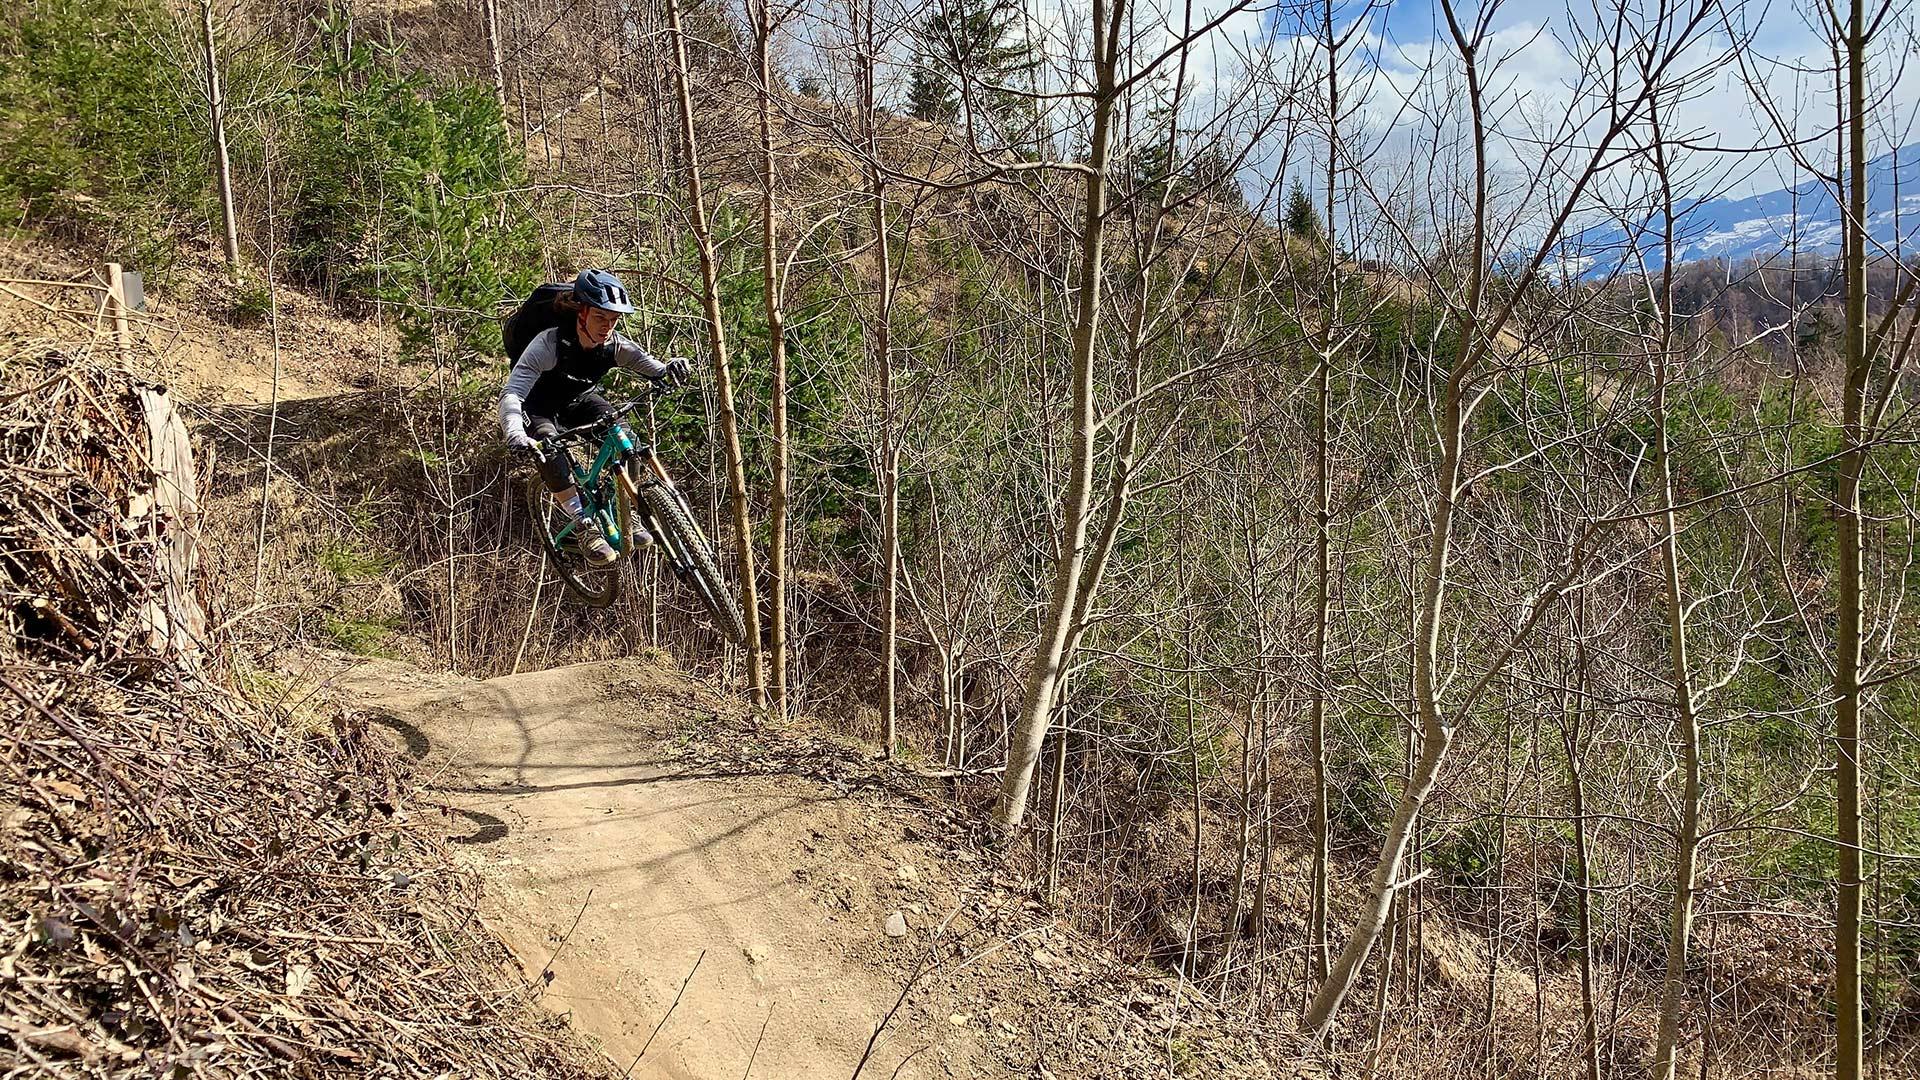 Zahlreiche Downhill-Strecken und Trails in Saalbach-Hinterglemm und Umgebung